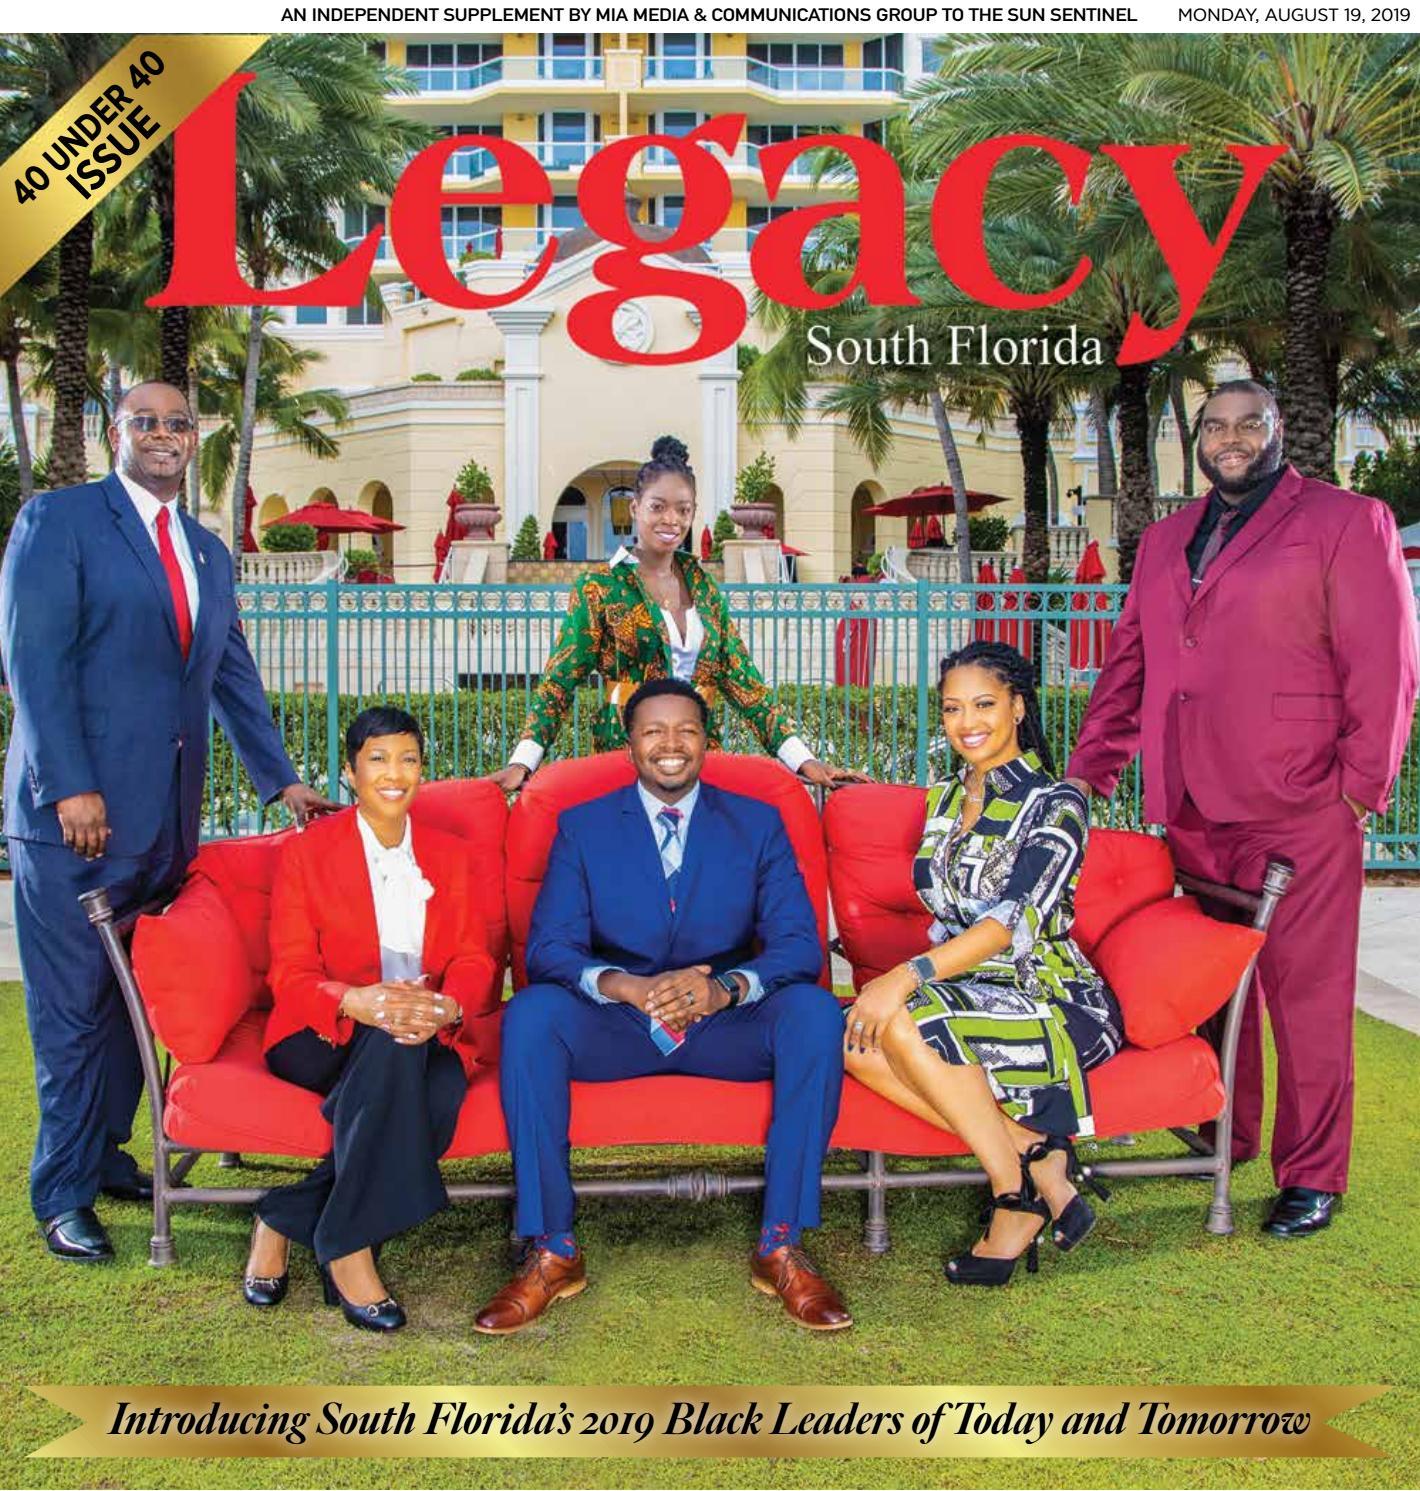 837171cb5ba79 2019 - 40 Under 40 Issue - Legacy South Florida by miamediagrp - issuu